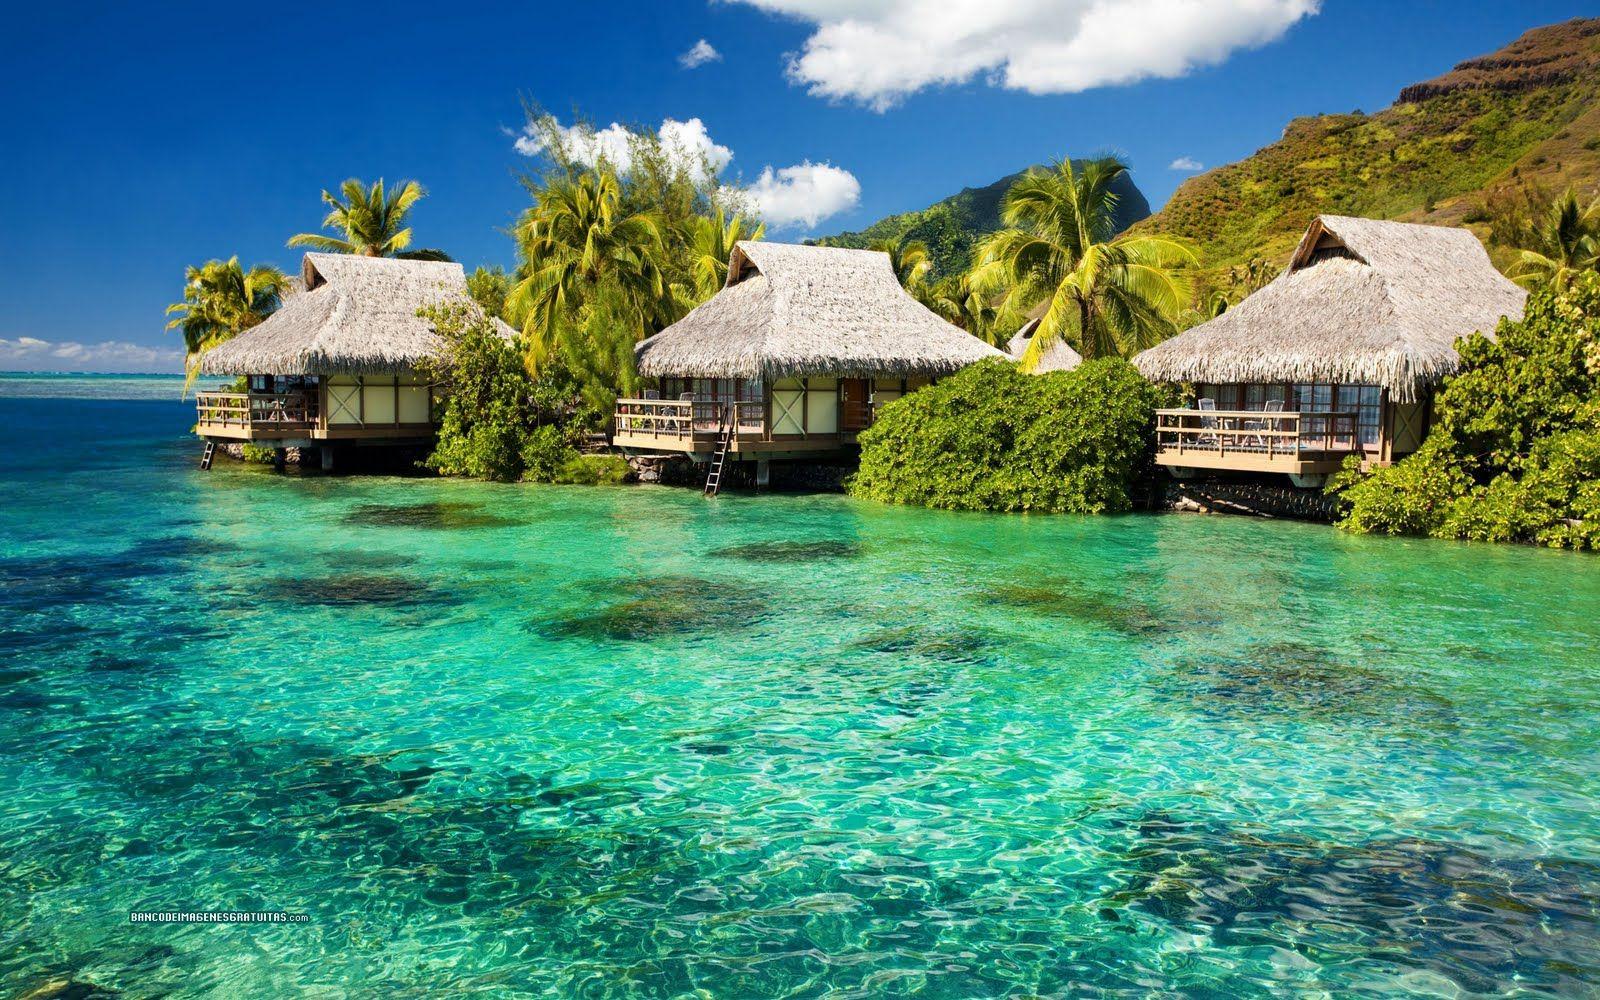 Paisajes naturales del mundo imagen en alta definici n 3 for Hotel luxury definicion